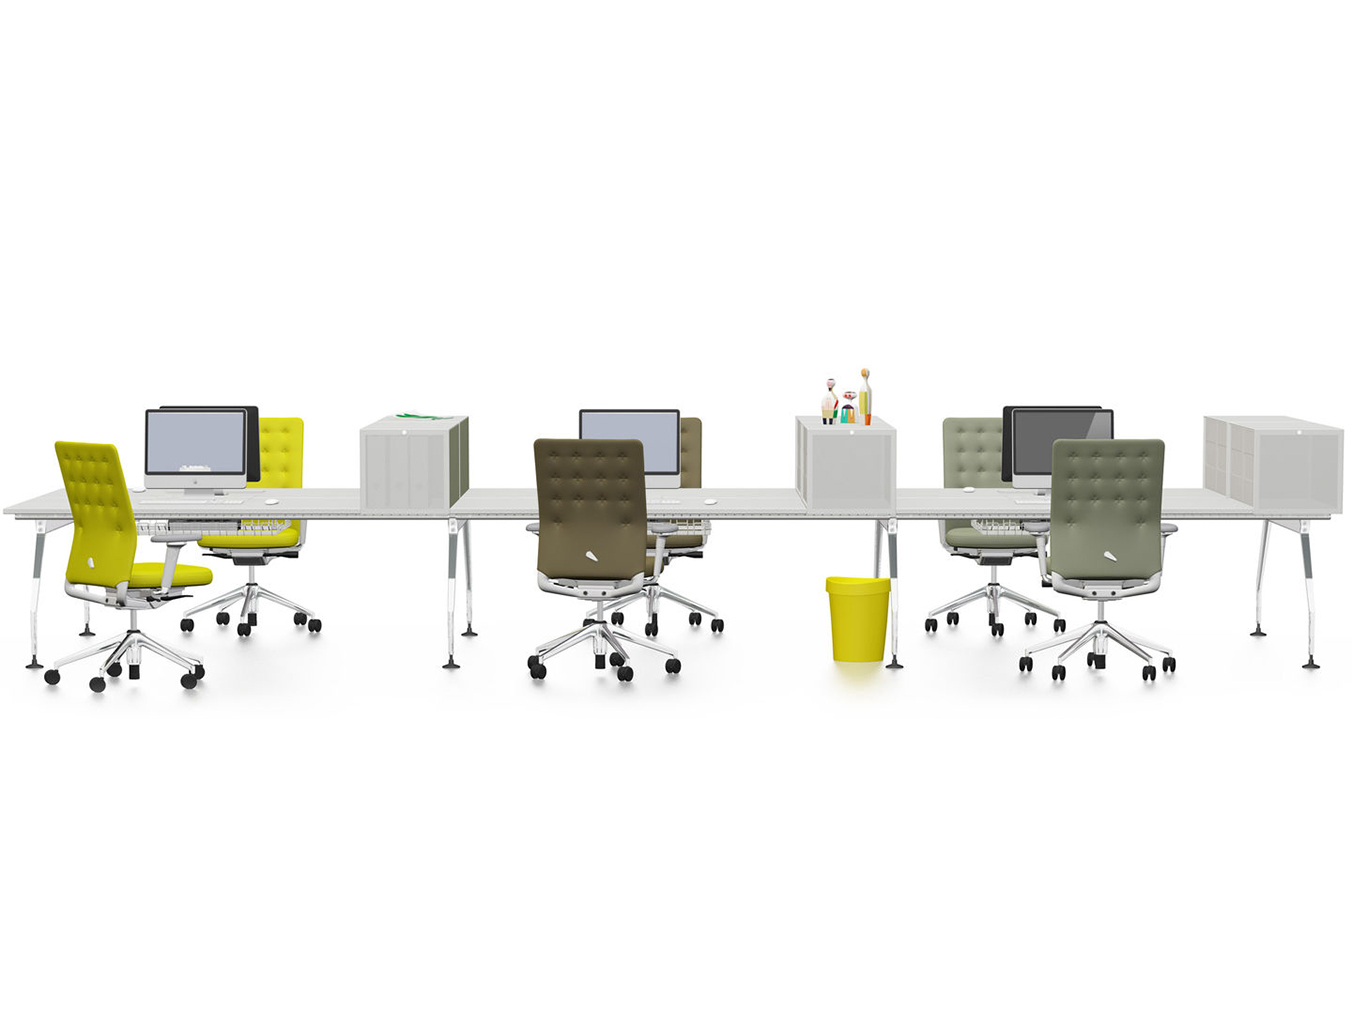 工作卡位/桌组|职员办公桌|创意家具|现代家居|时尚家具|设计师家具|定制家具|实木家具|Ad Hoc 桌面组合办公台